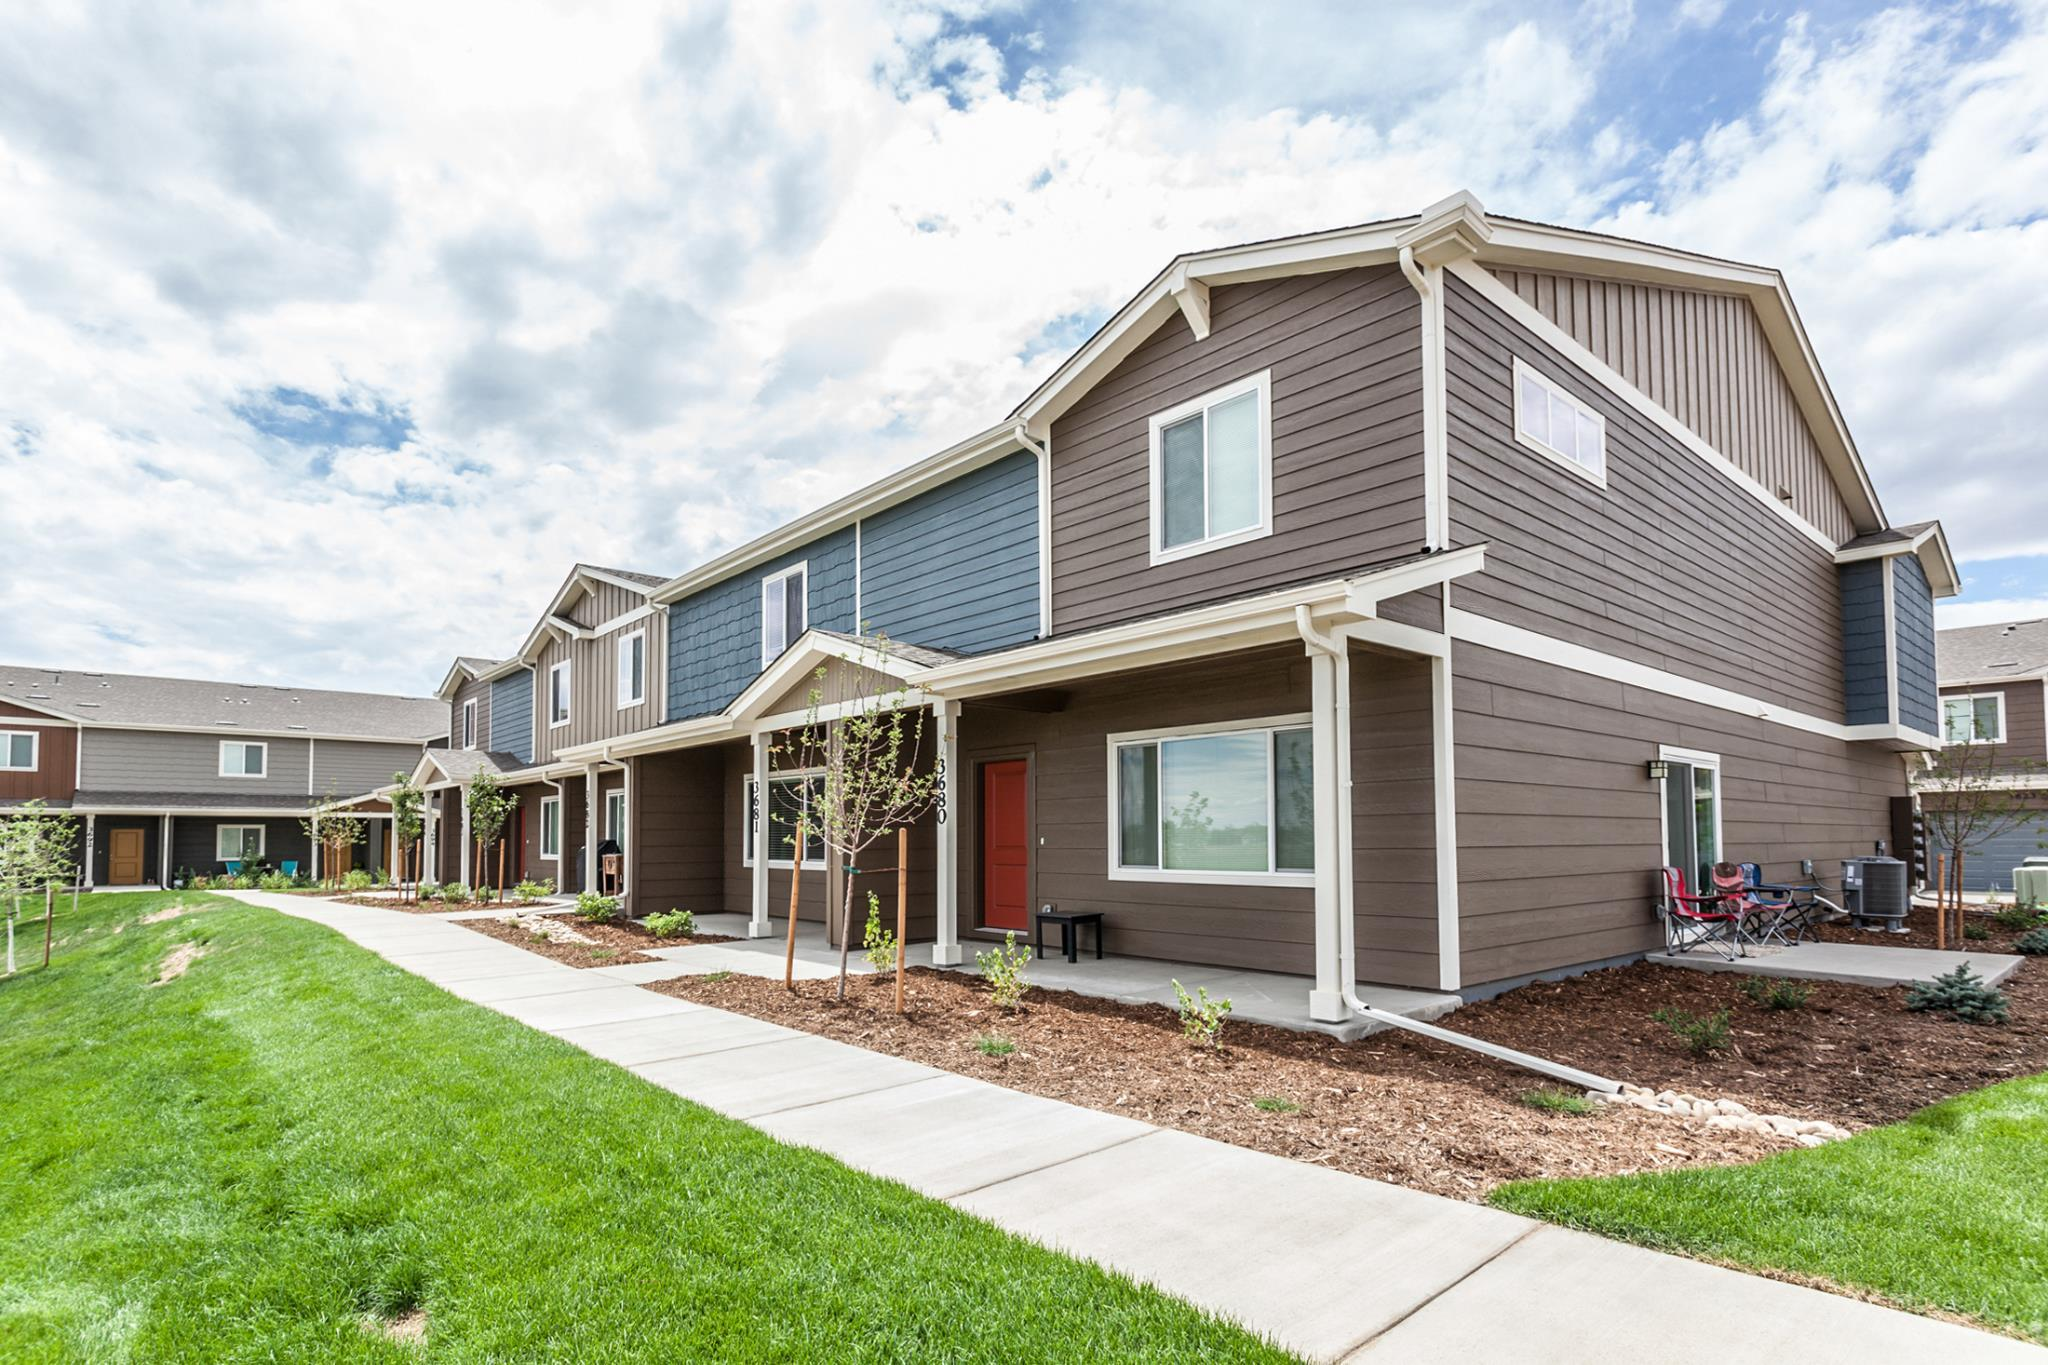 'Hartford Homes at Harvest Village Townhomes' by Hartford Homes in Fort Collins-Loveland